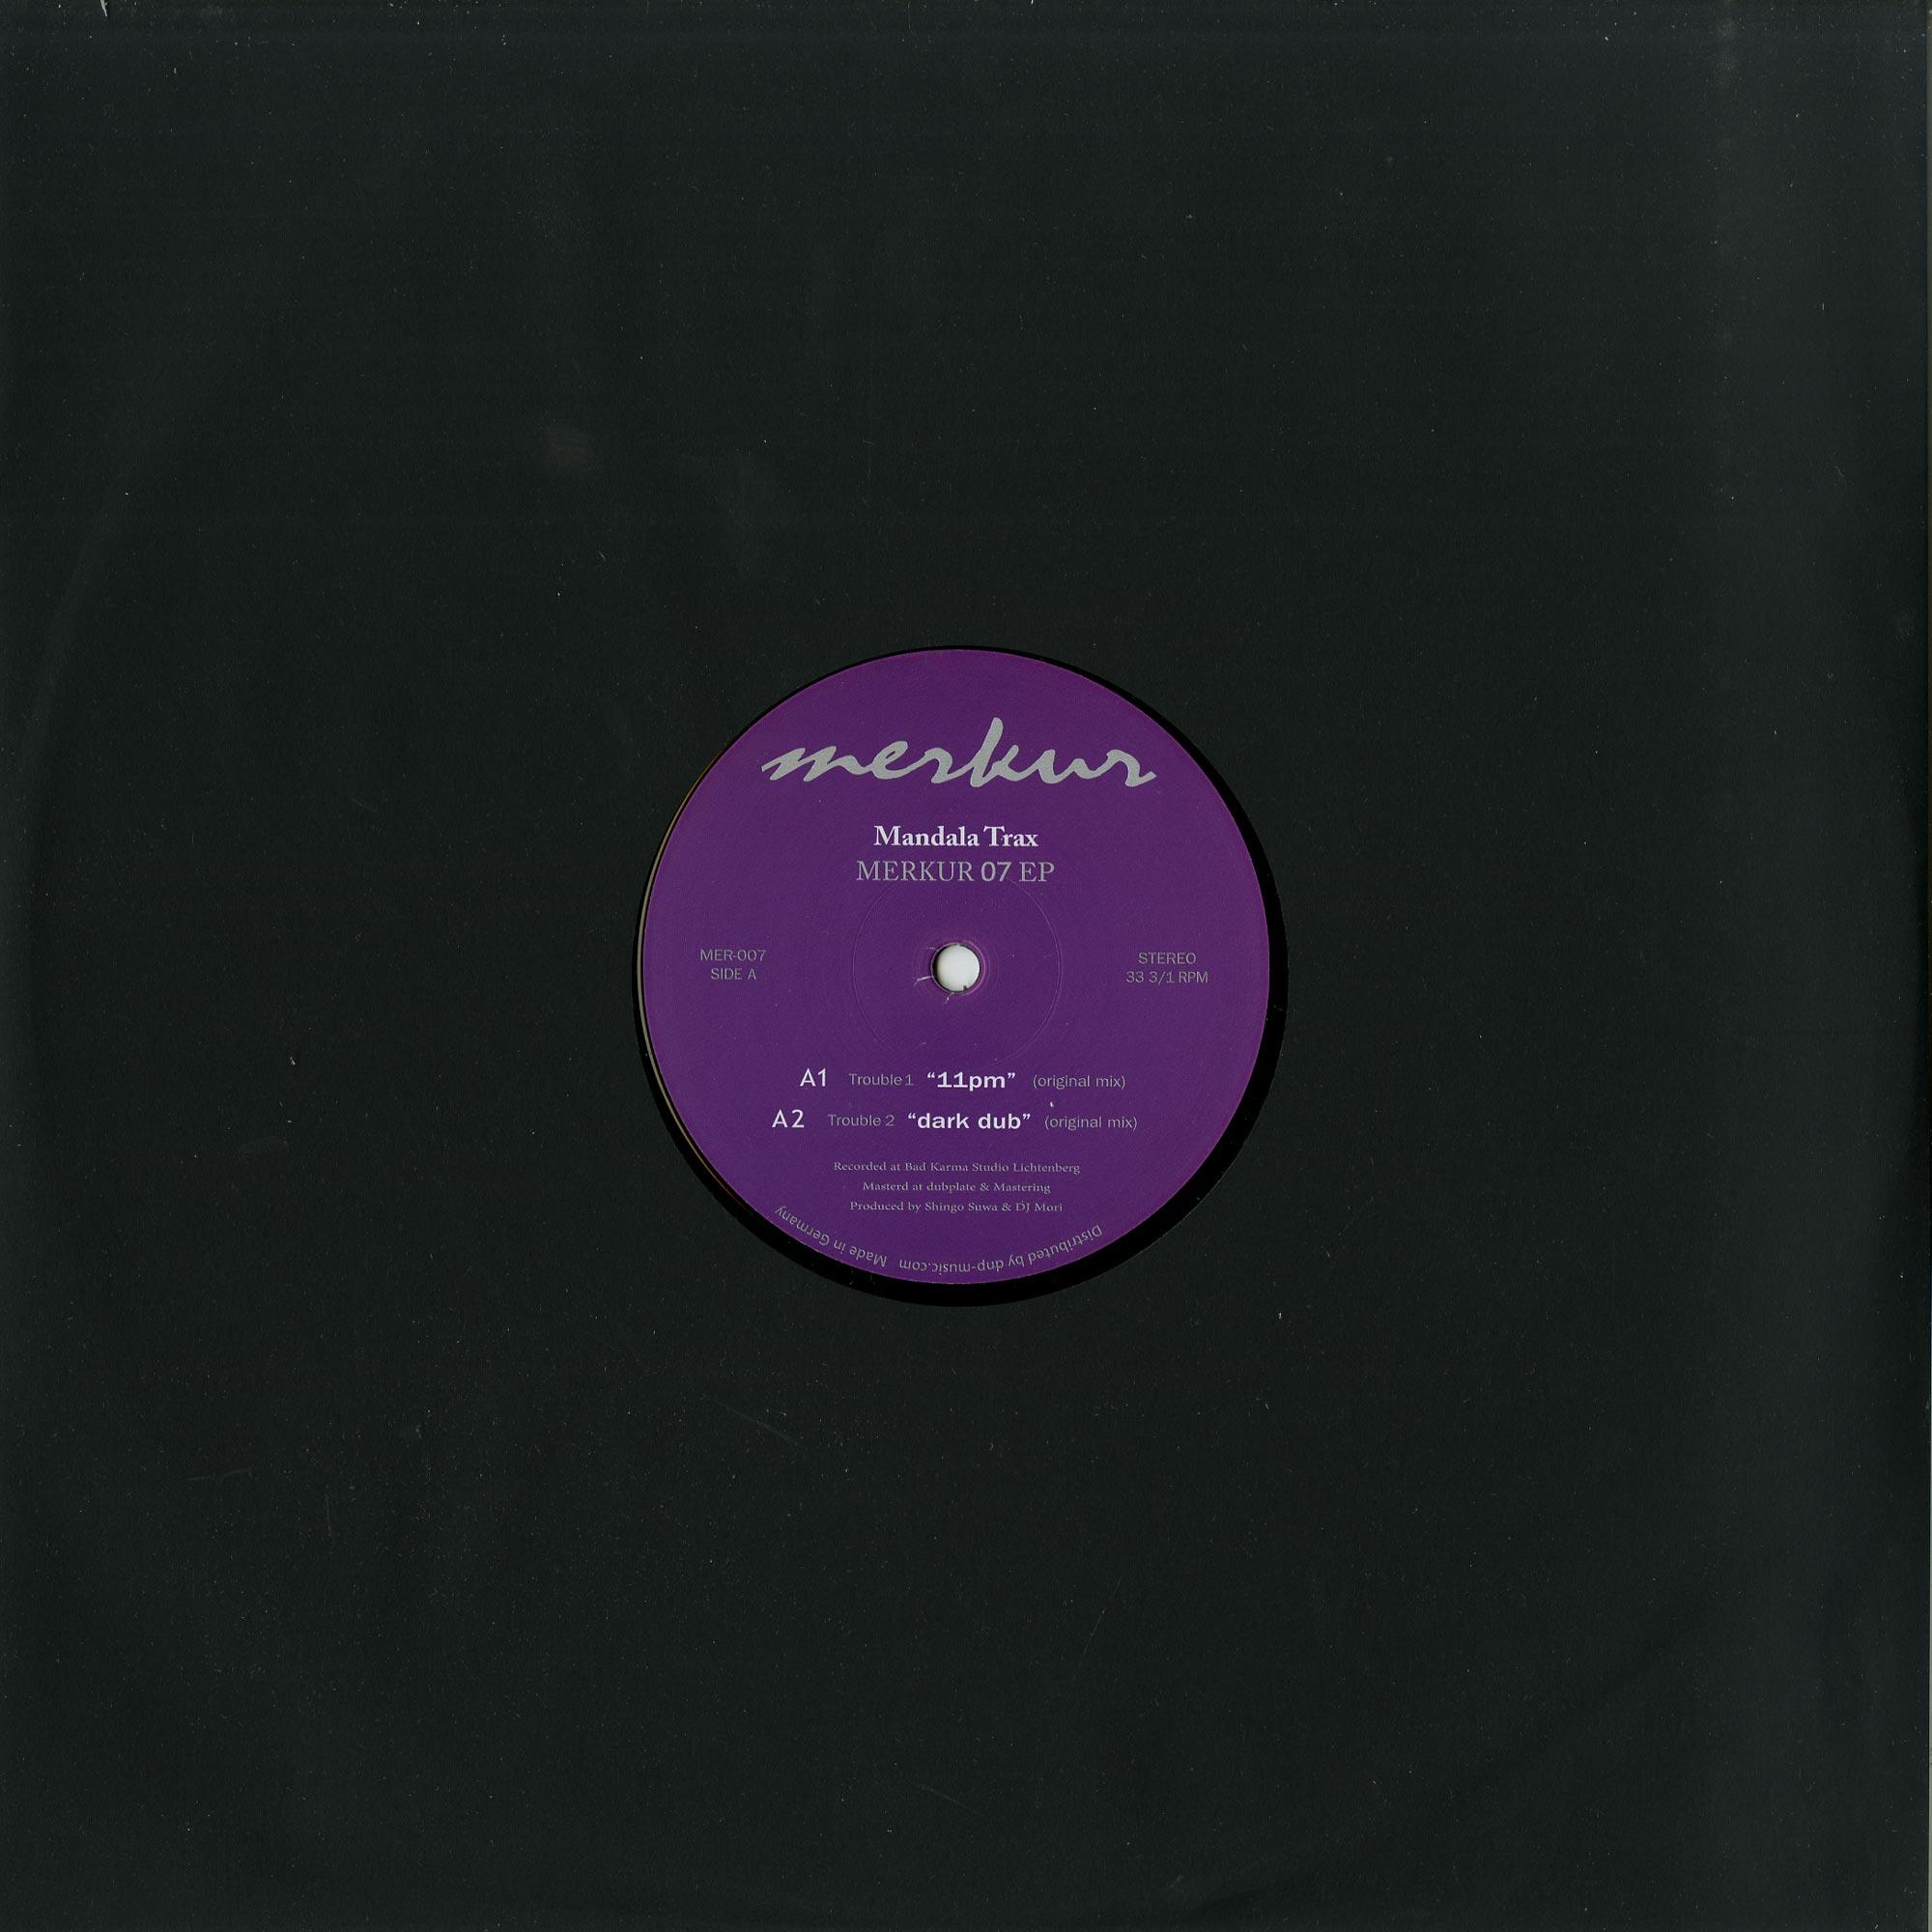 Mandala Trax - MERKUR 07 EP